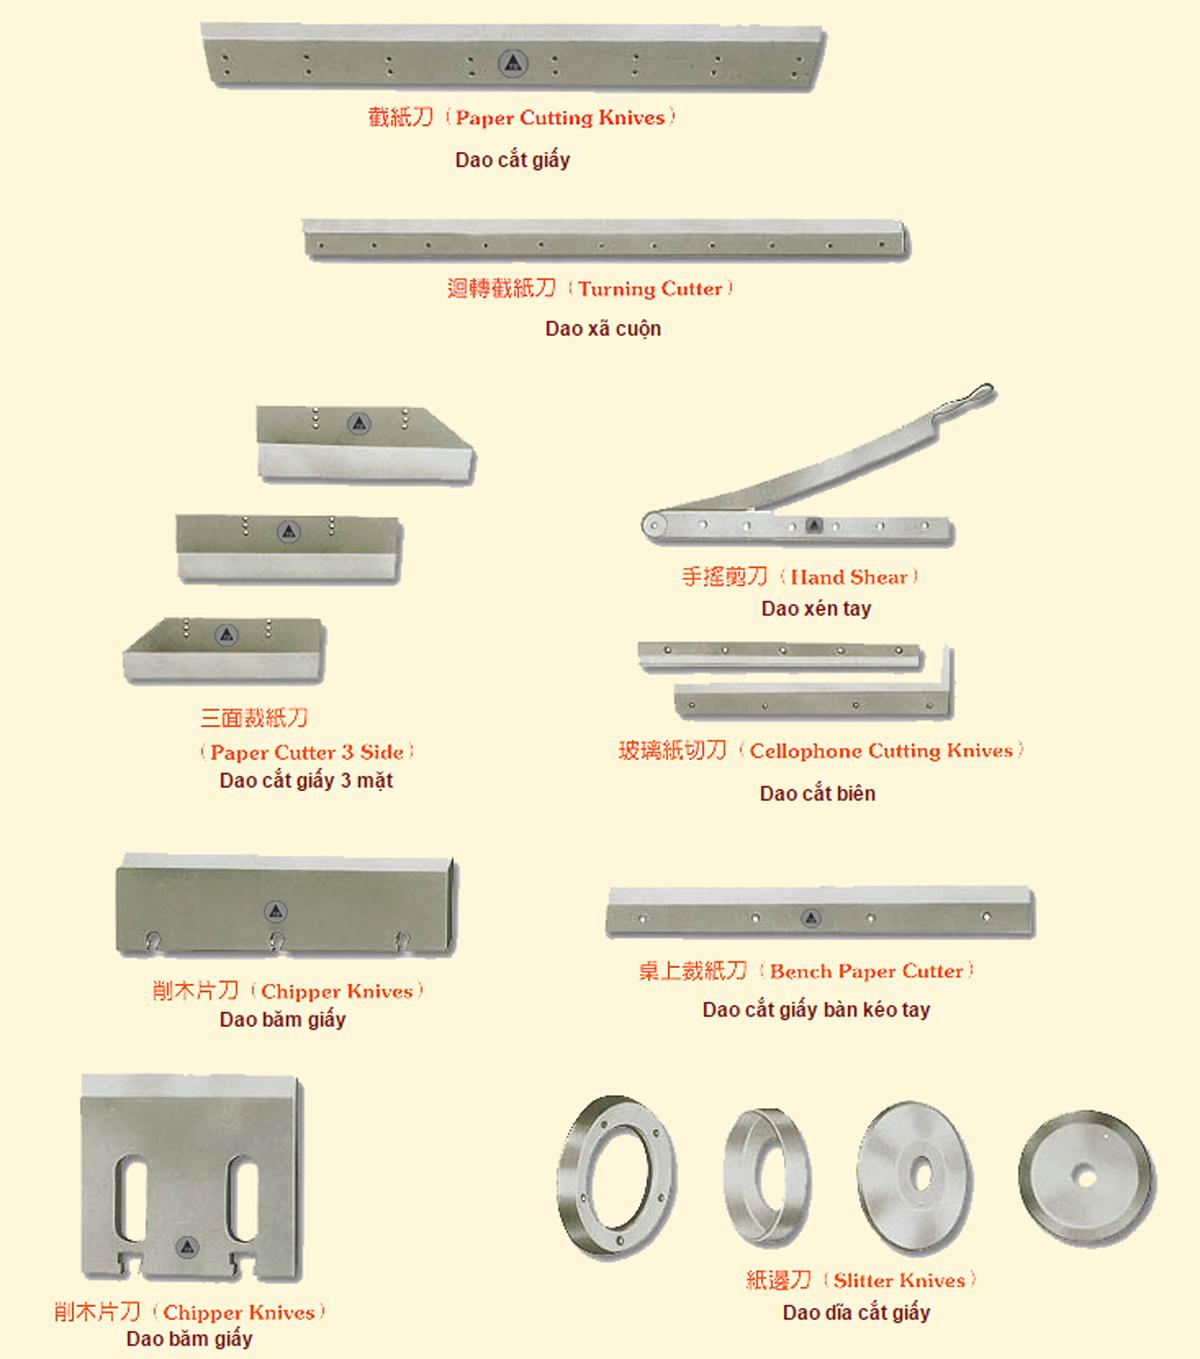 mua bán máy mài dao cắt công nghiệp ở đâu giá rẻ tốt nhất tphcm hà nội